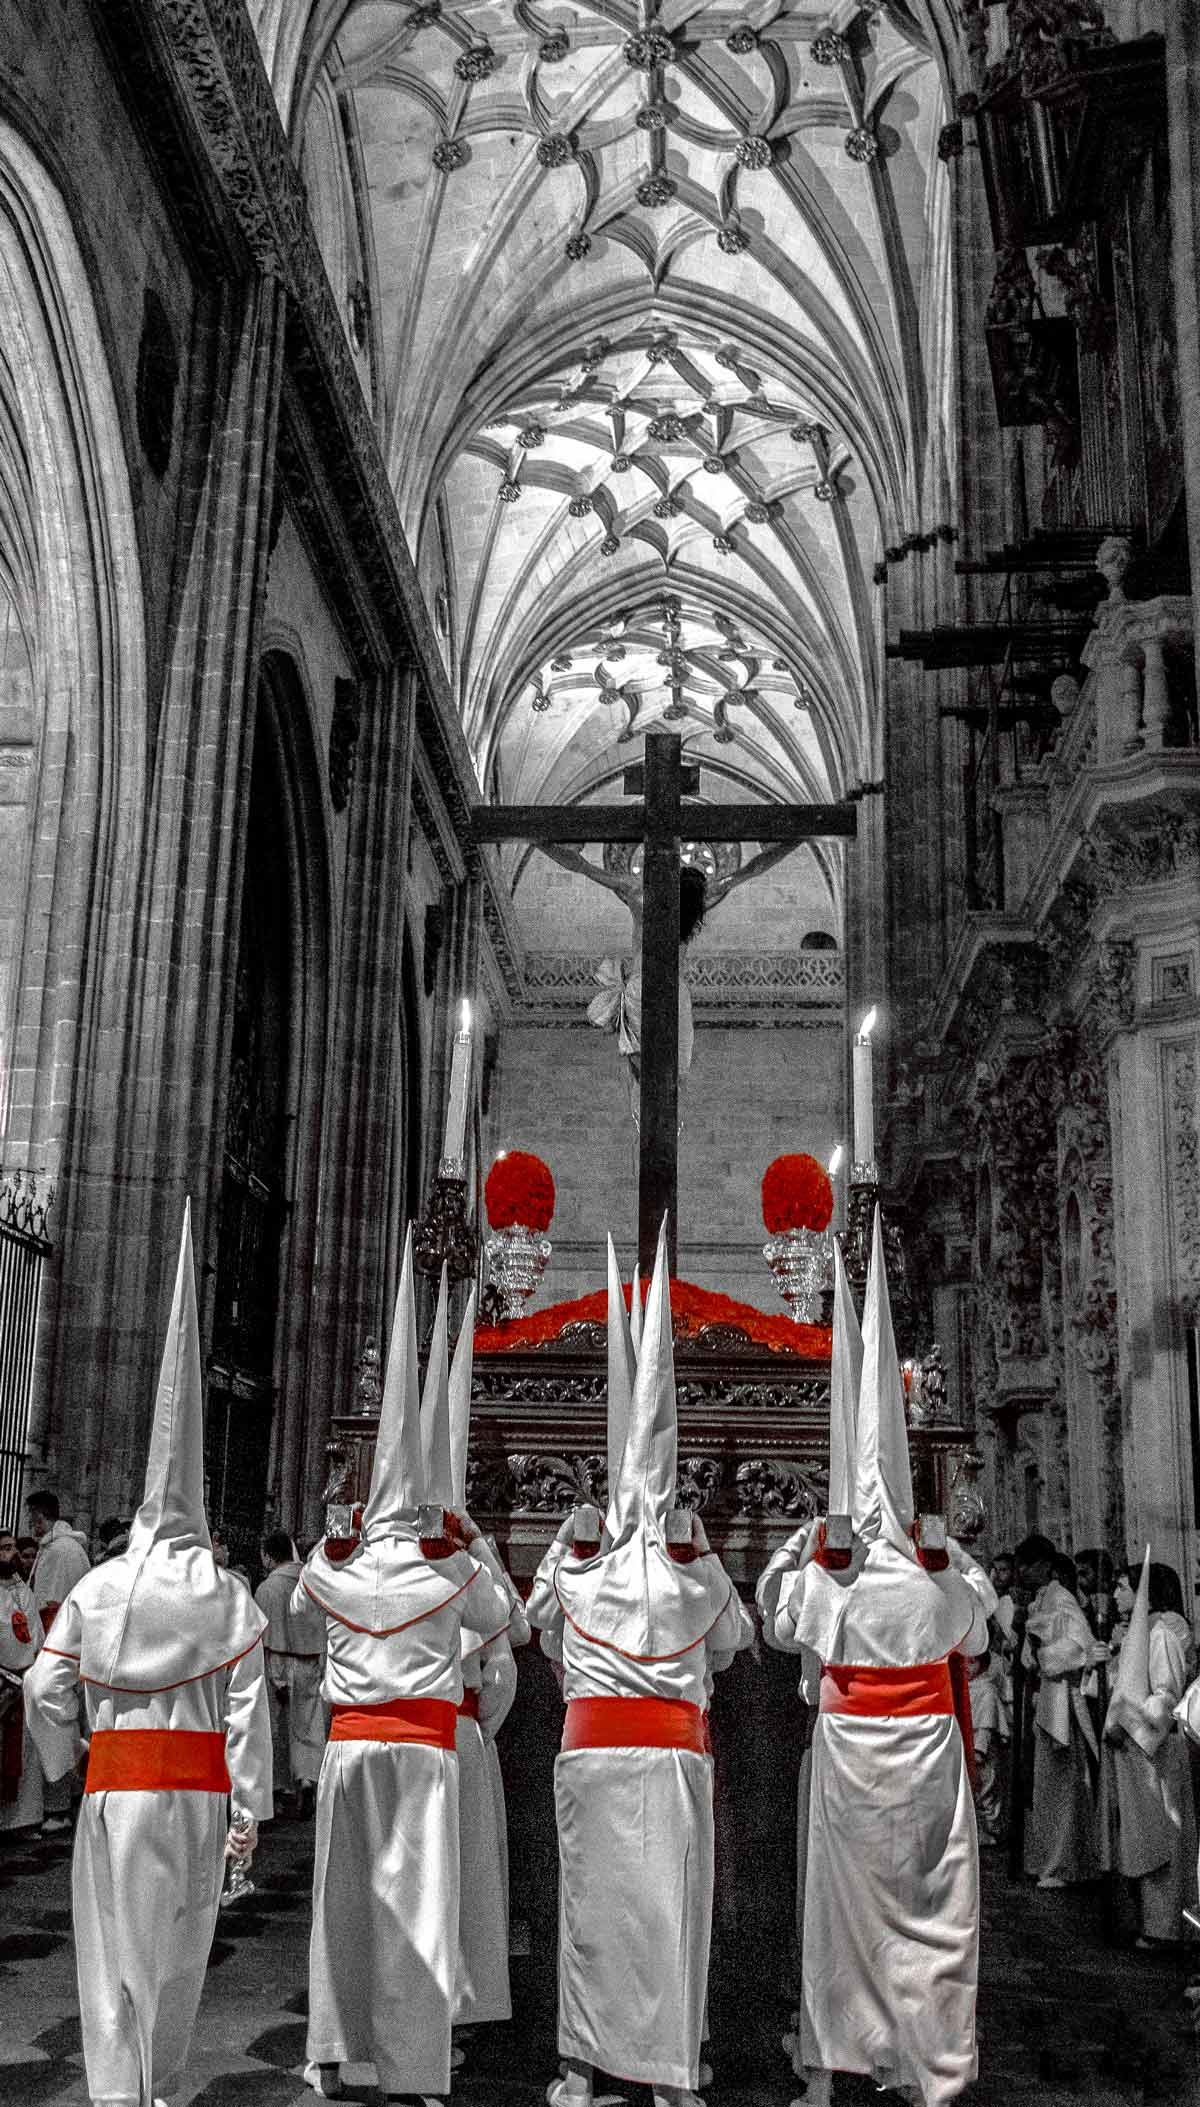 Cristo Yacente entrando en la catedral de Salamanca